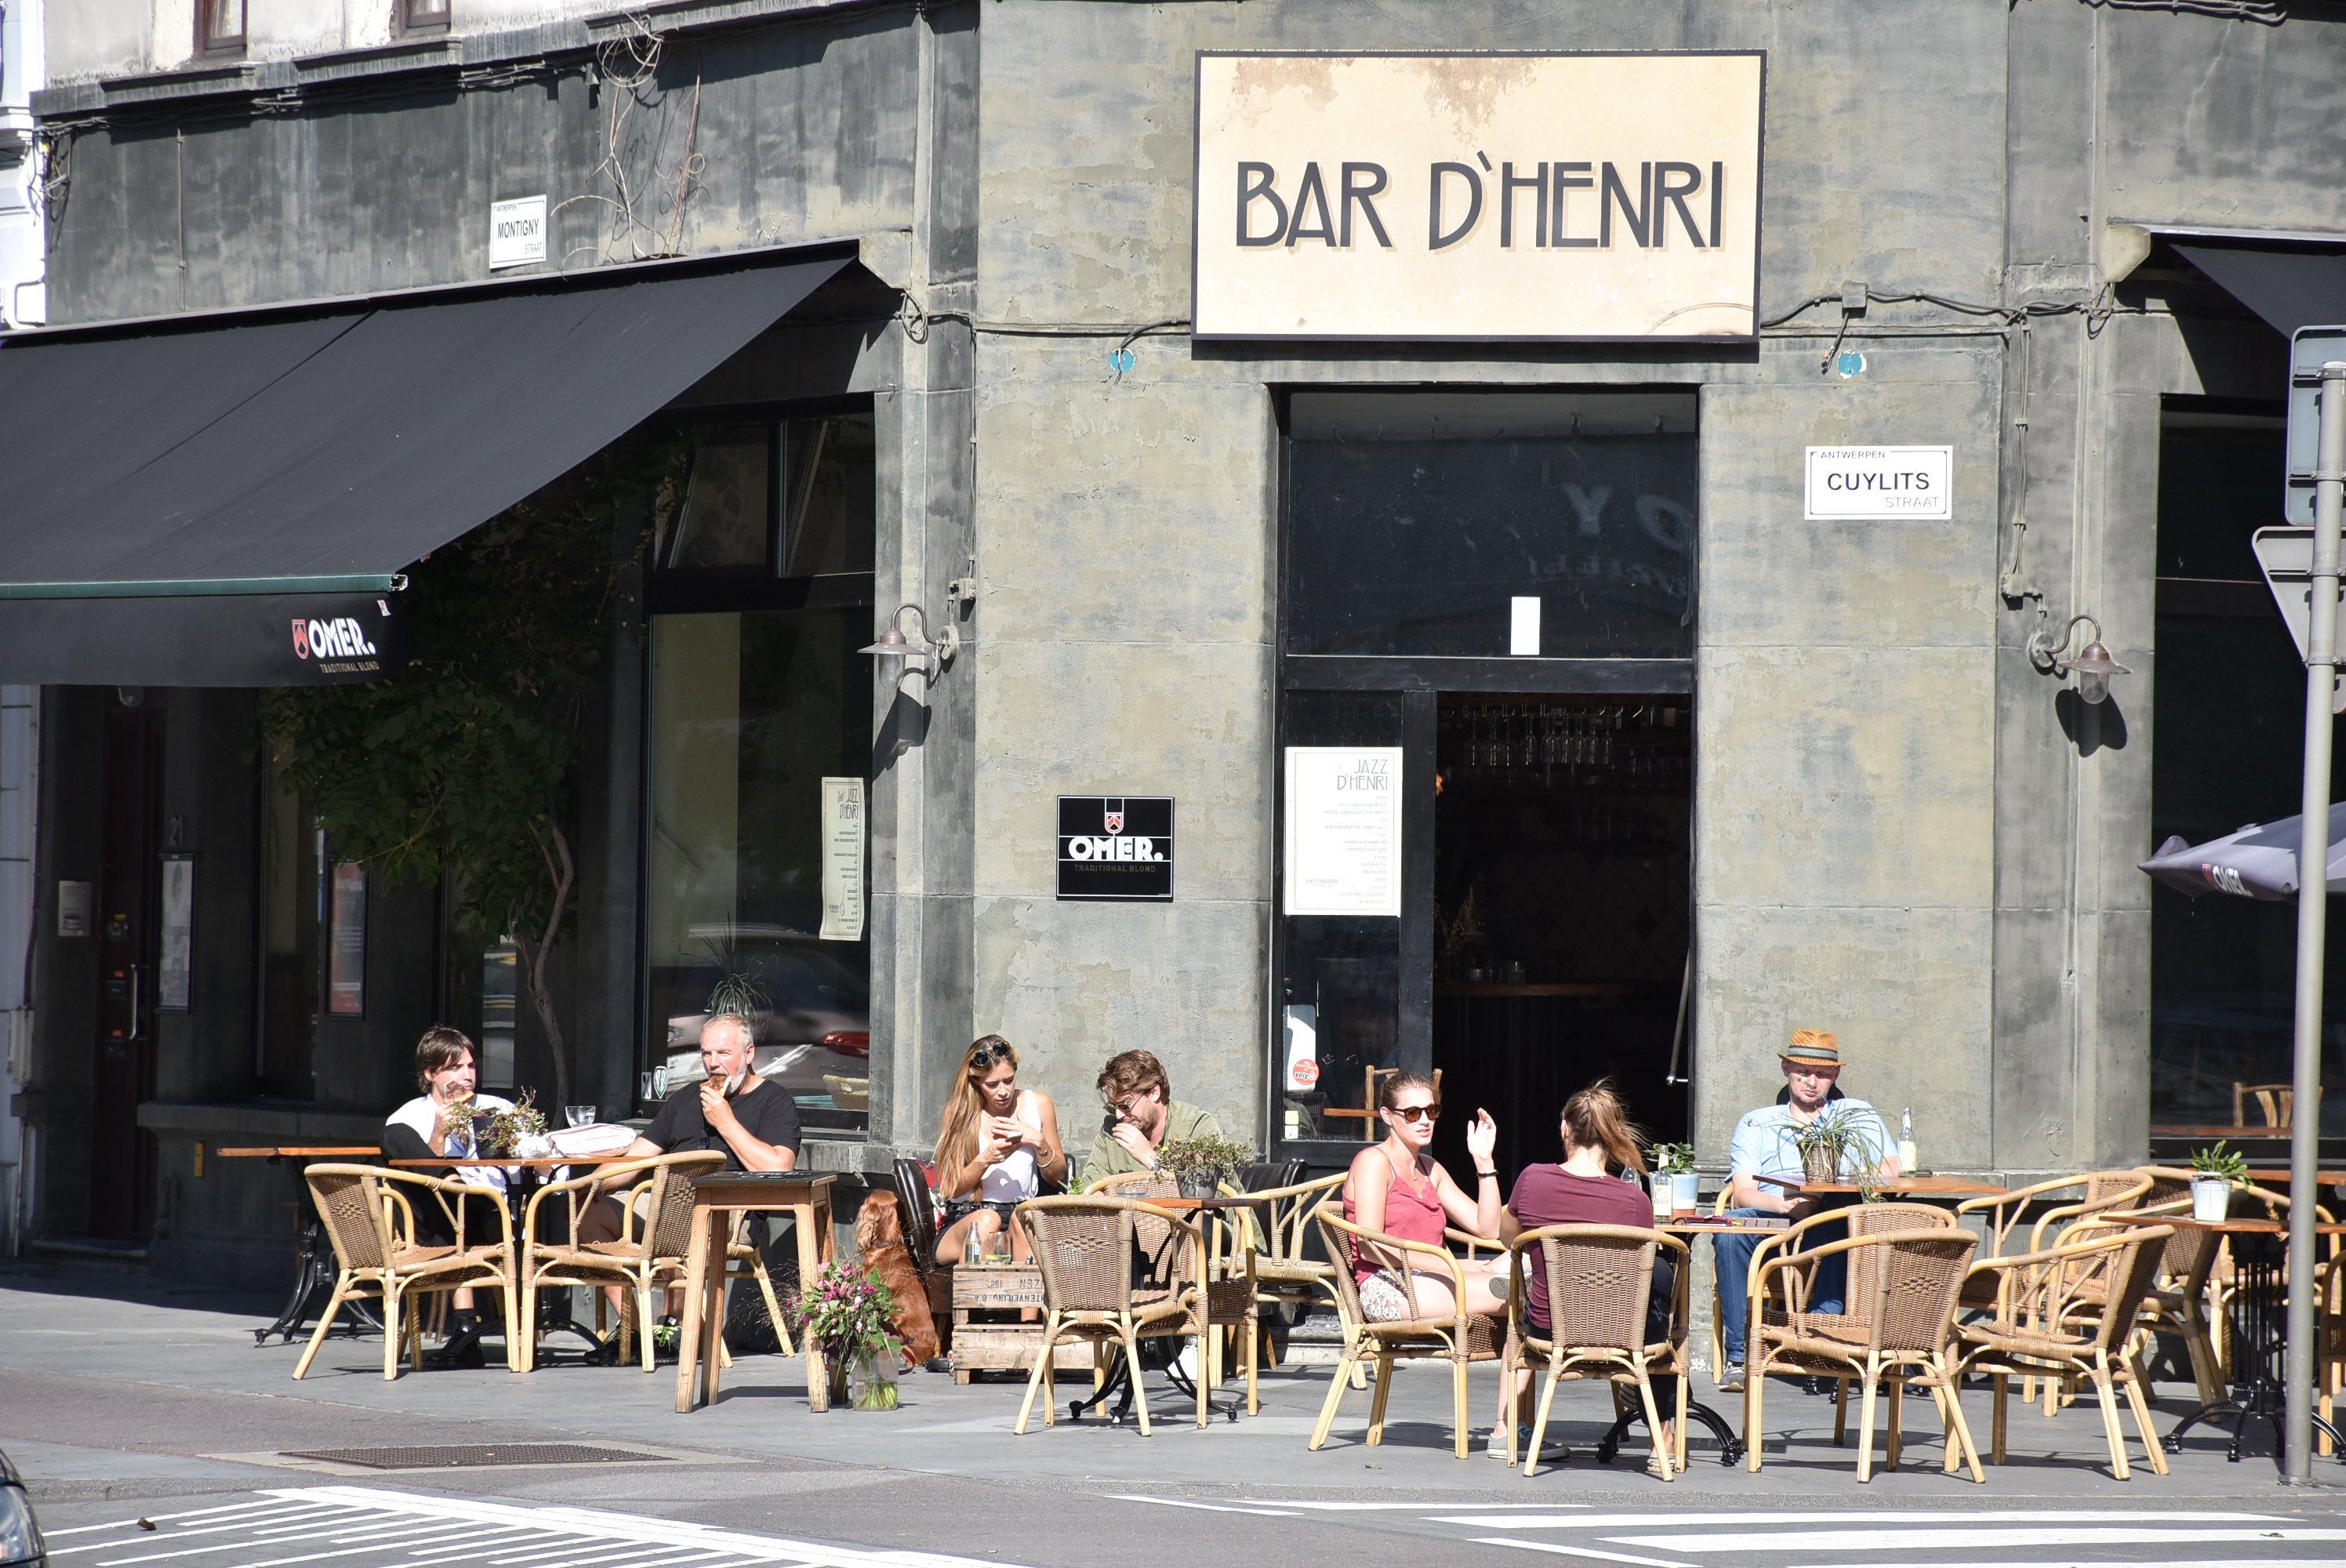 Bar d'Henri